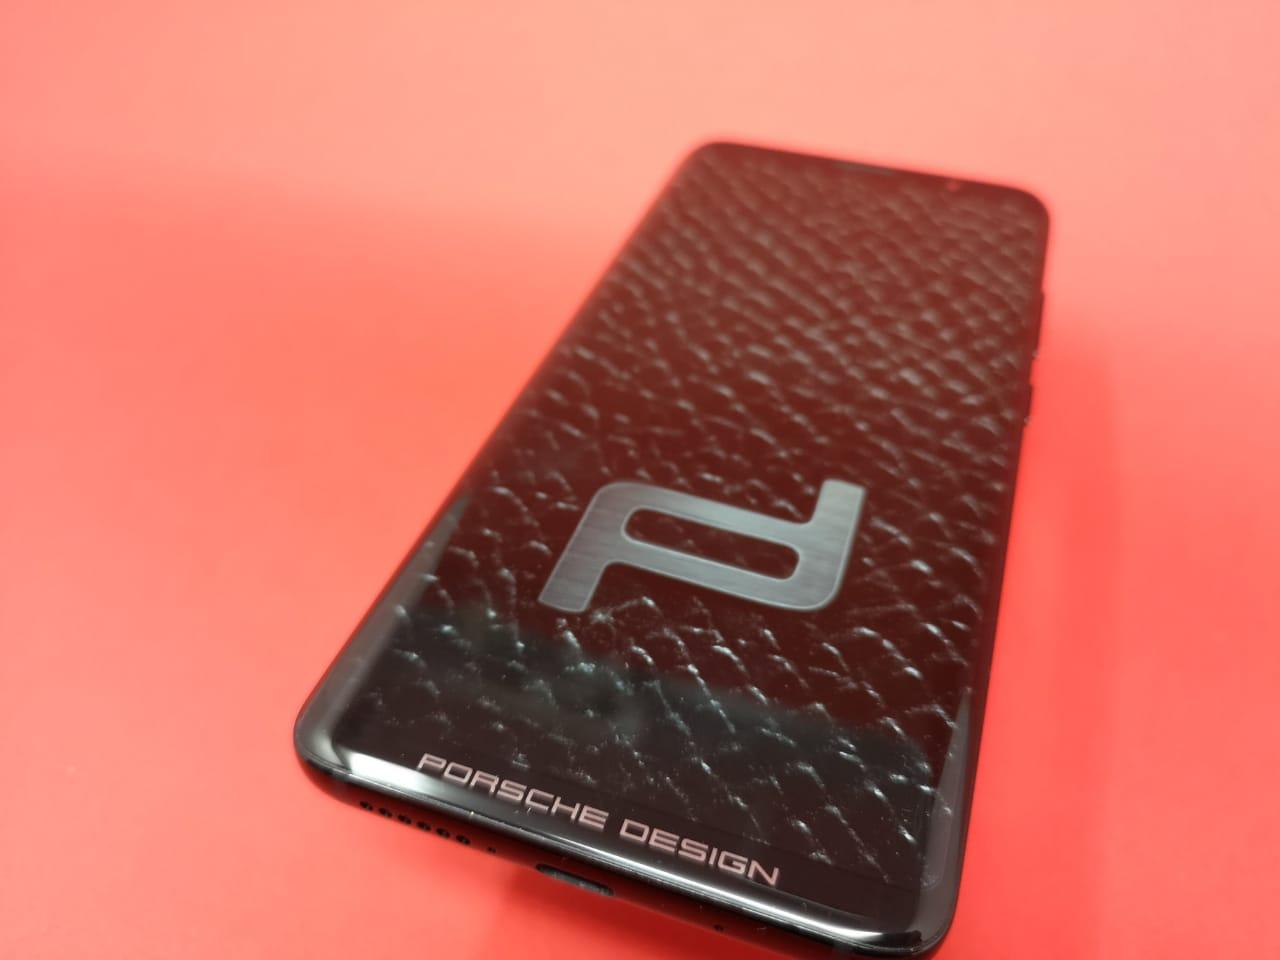 Huawei_Mate_RS_Porsche_Design